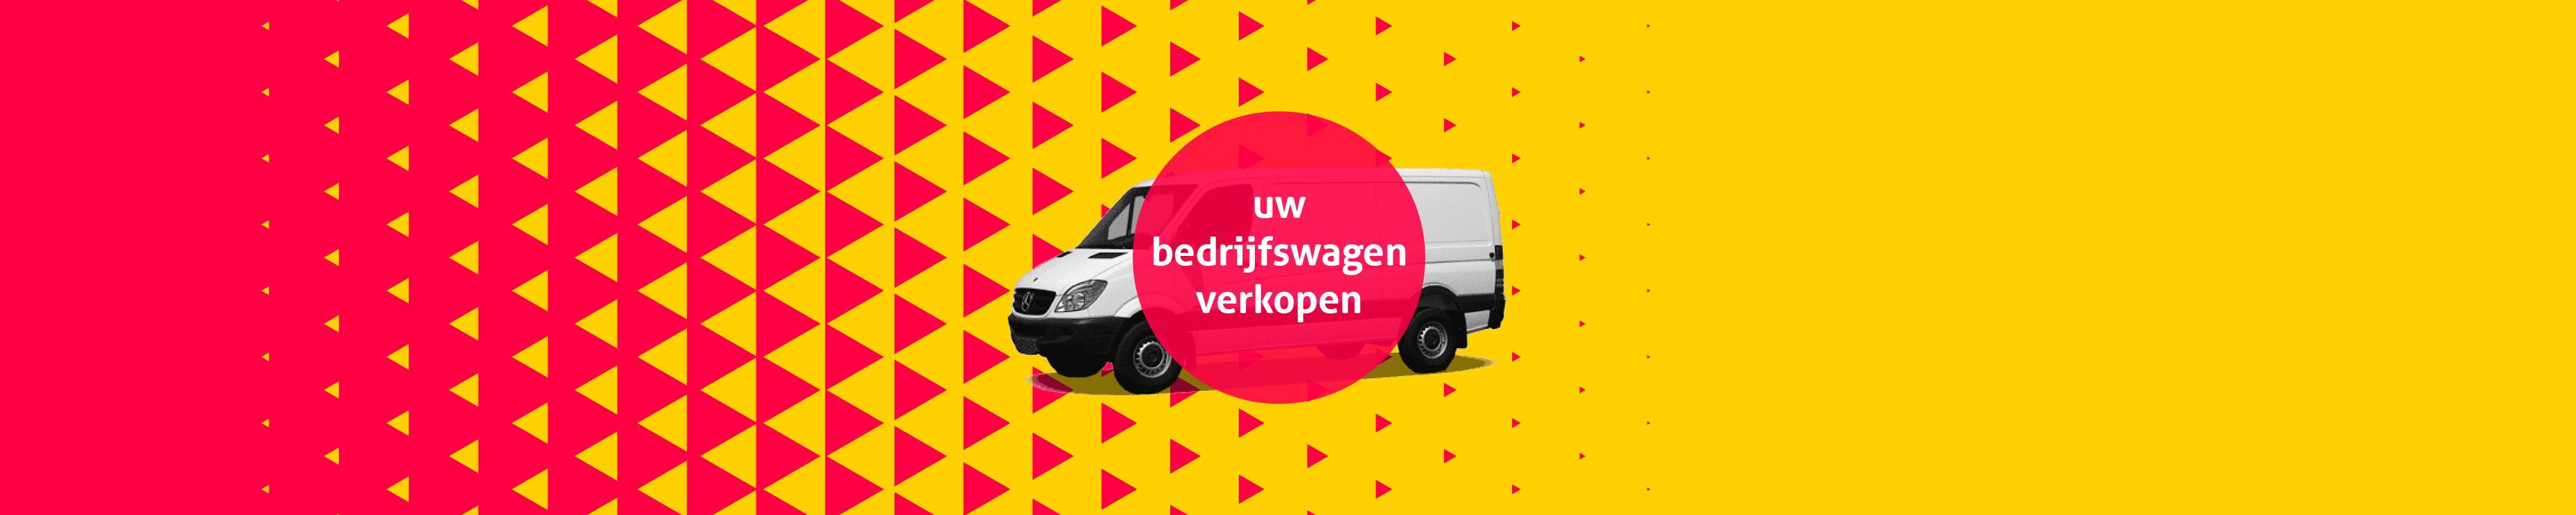 Bedrijfsbus verkopen Eindhoven